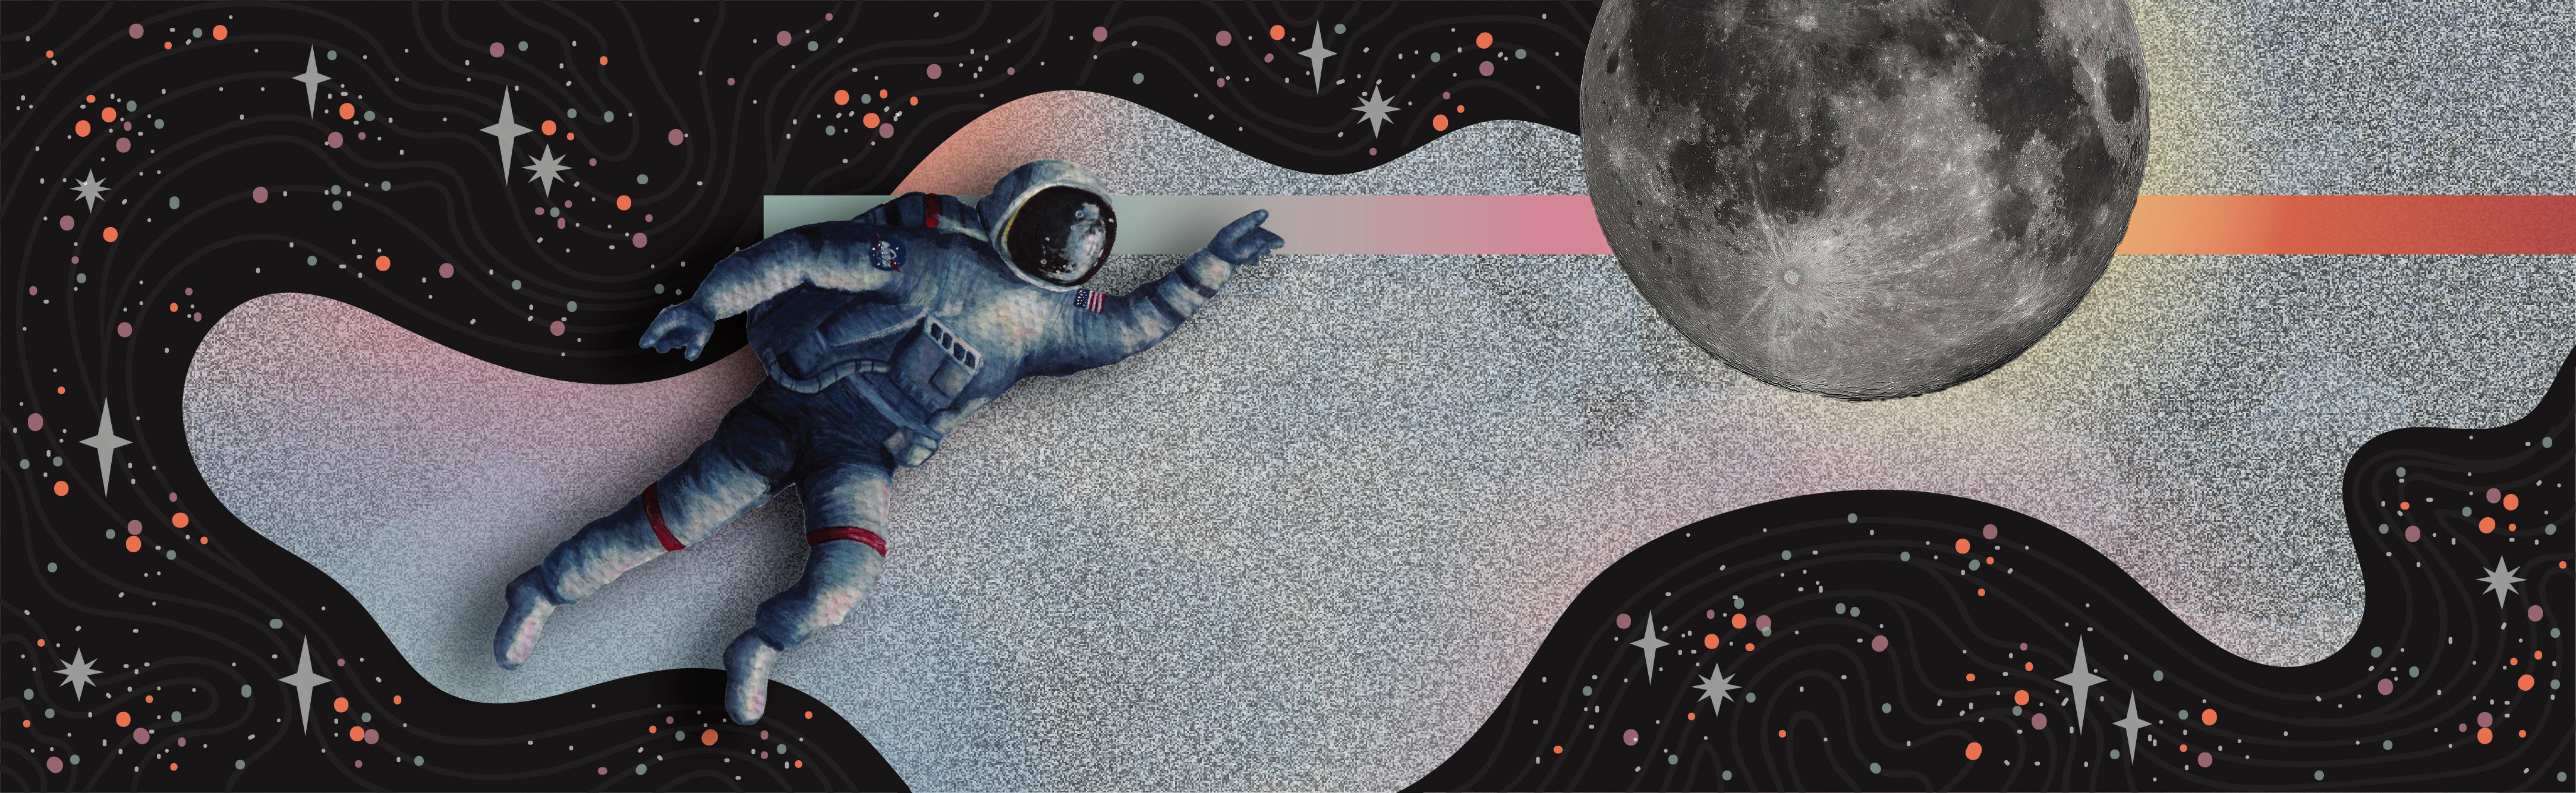 Introducing NASA Explorers: Apollo, an Audio Series | NASA